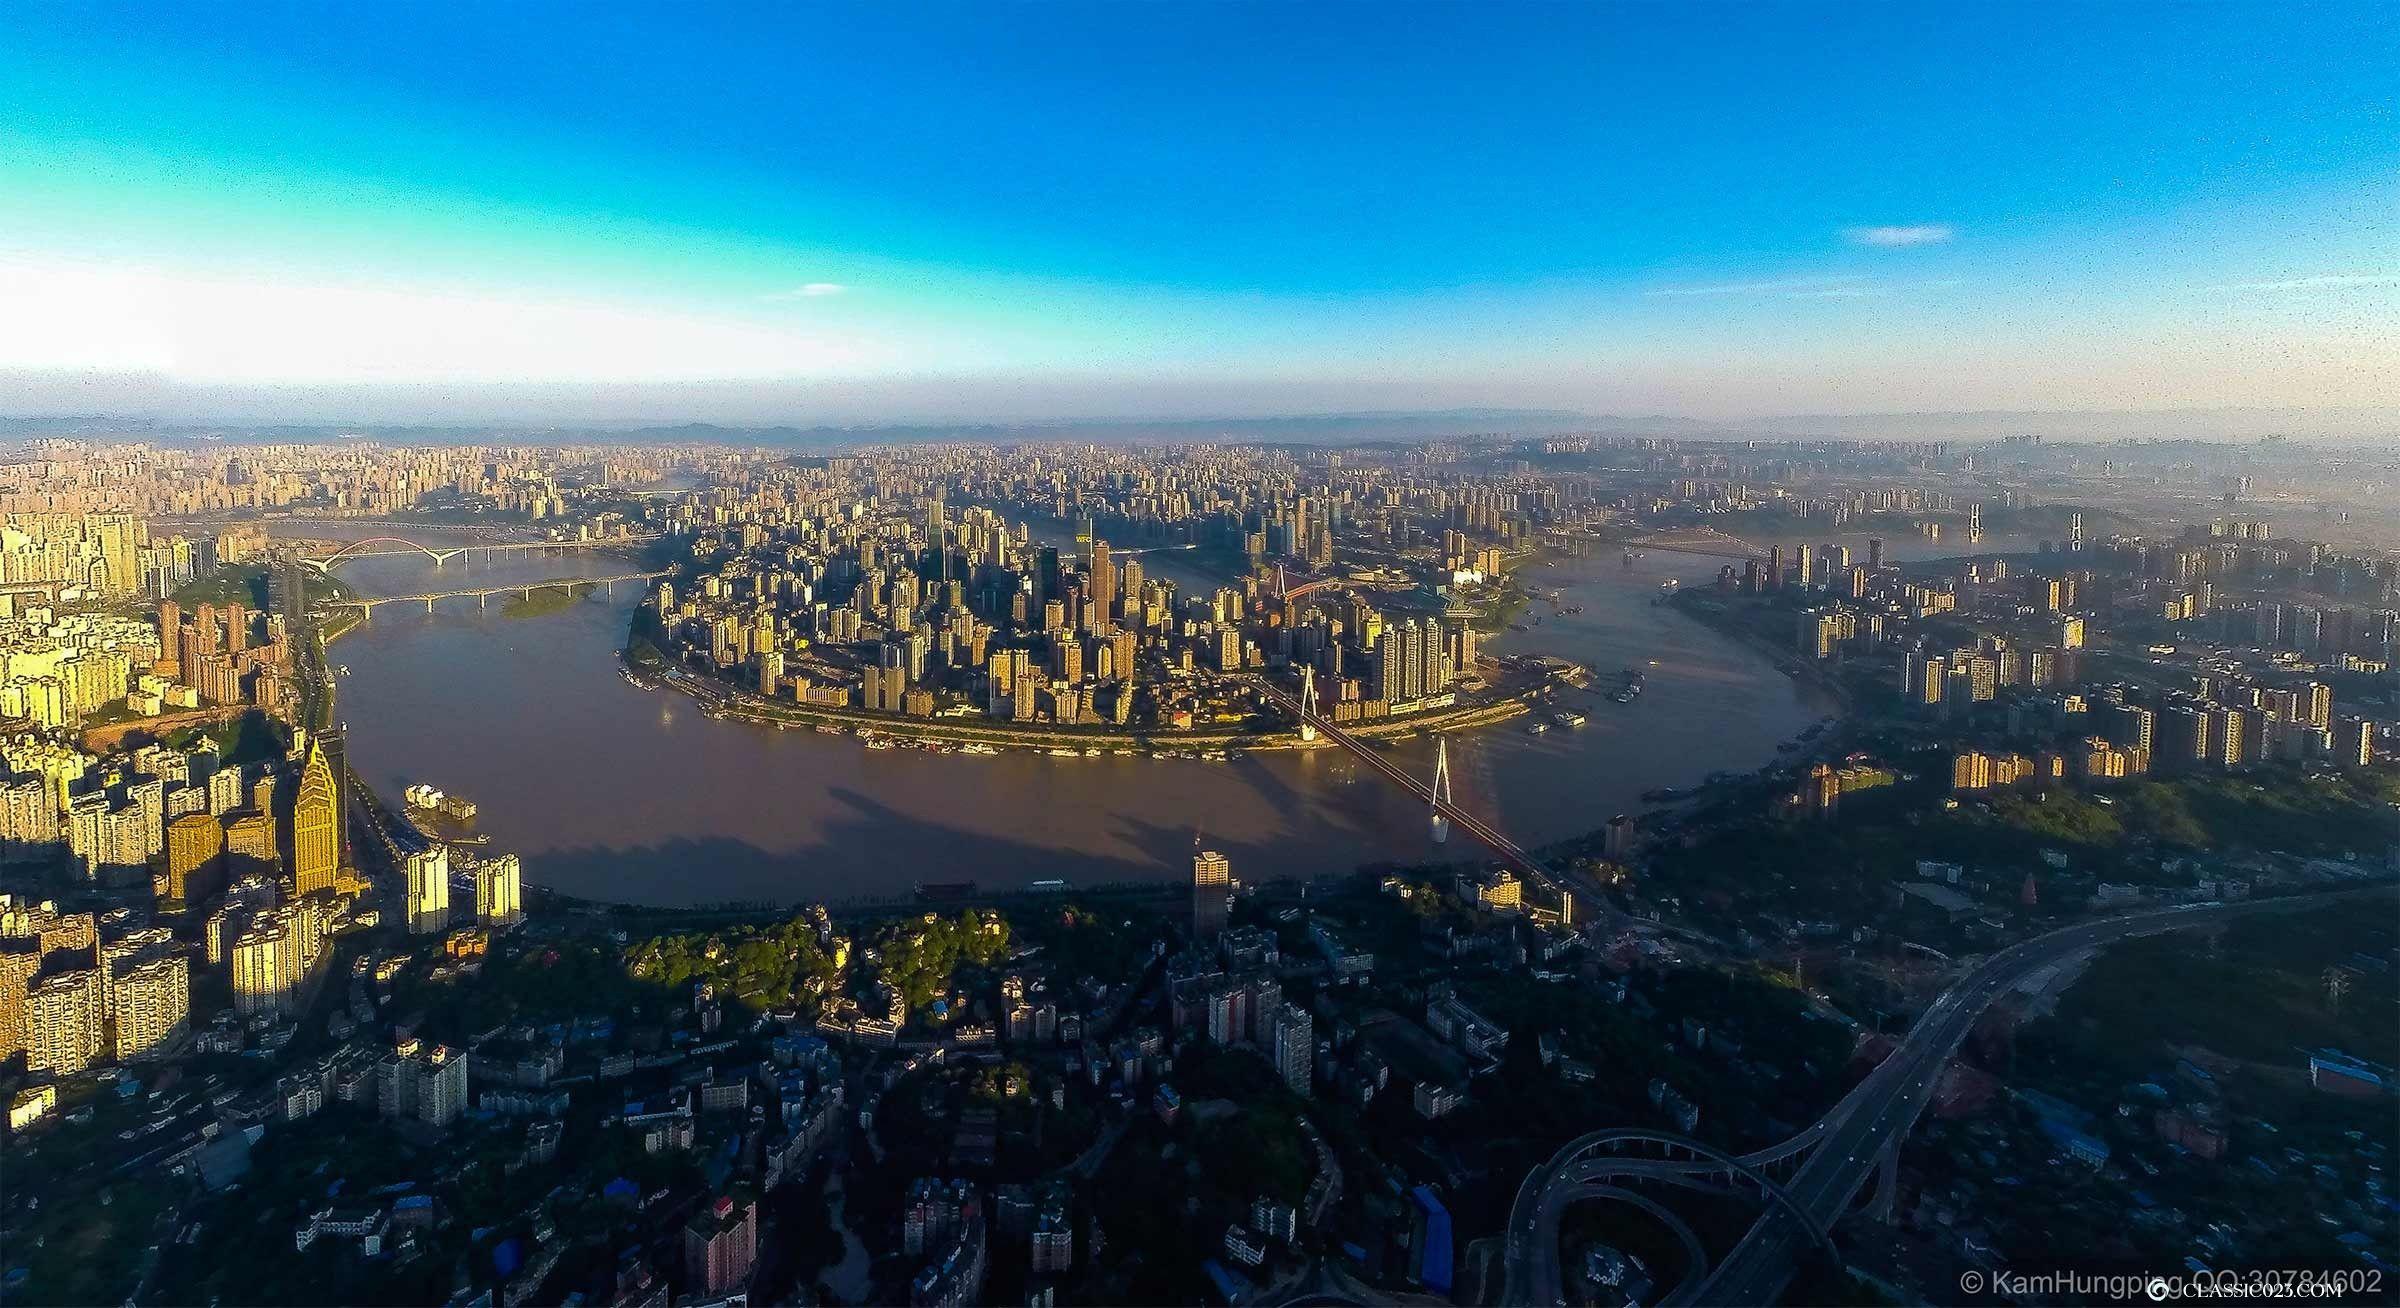 2020年4月重慶各區房價排行榜,重慶房價小幅度下降